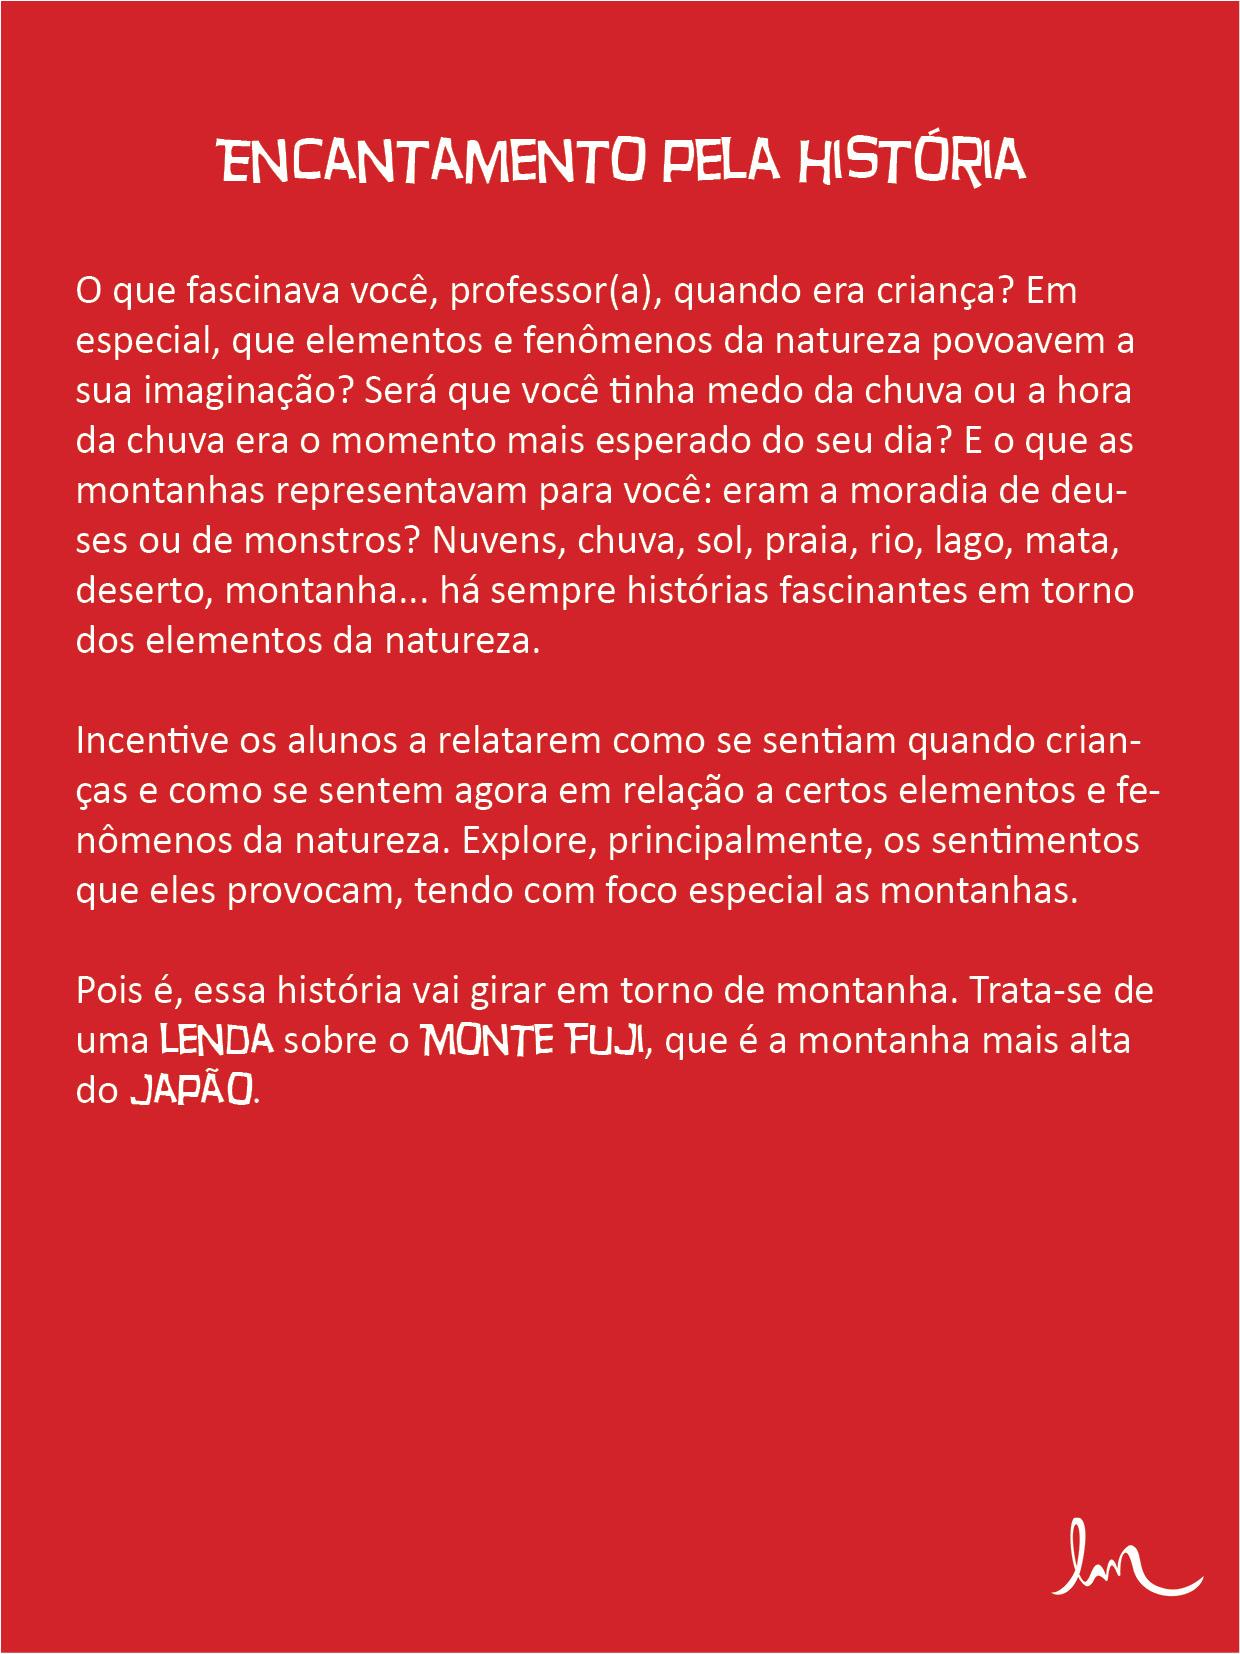 autonomia-carioca.jpg